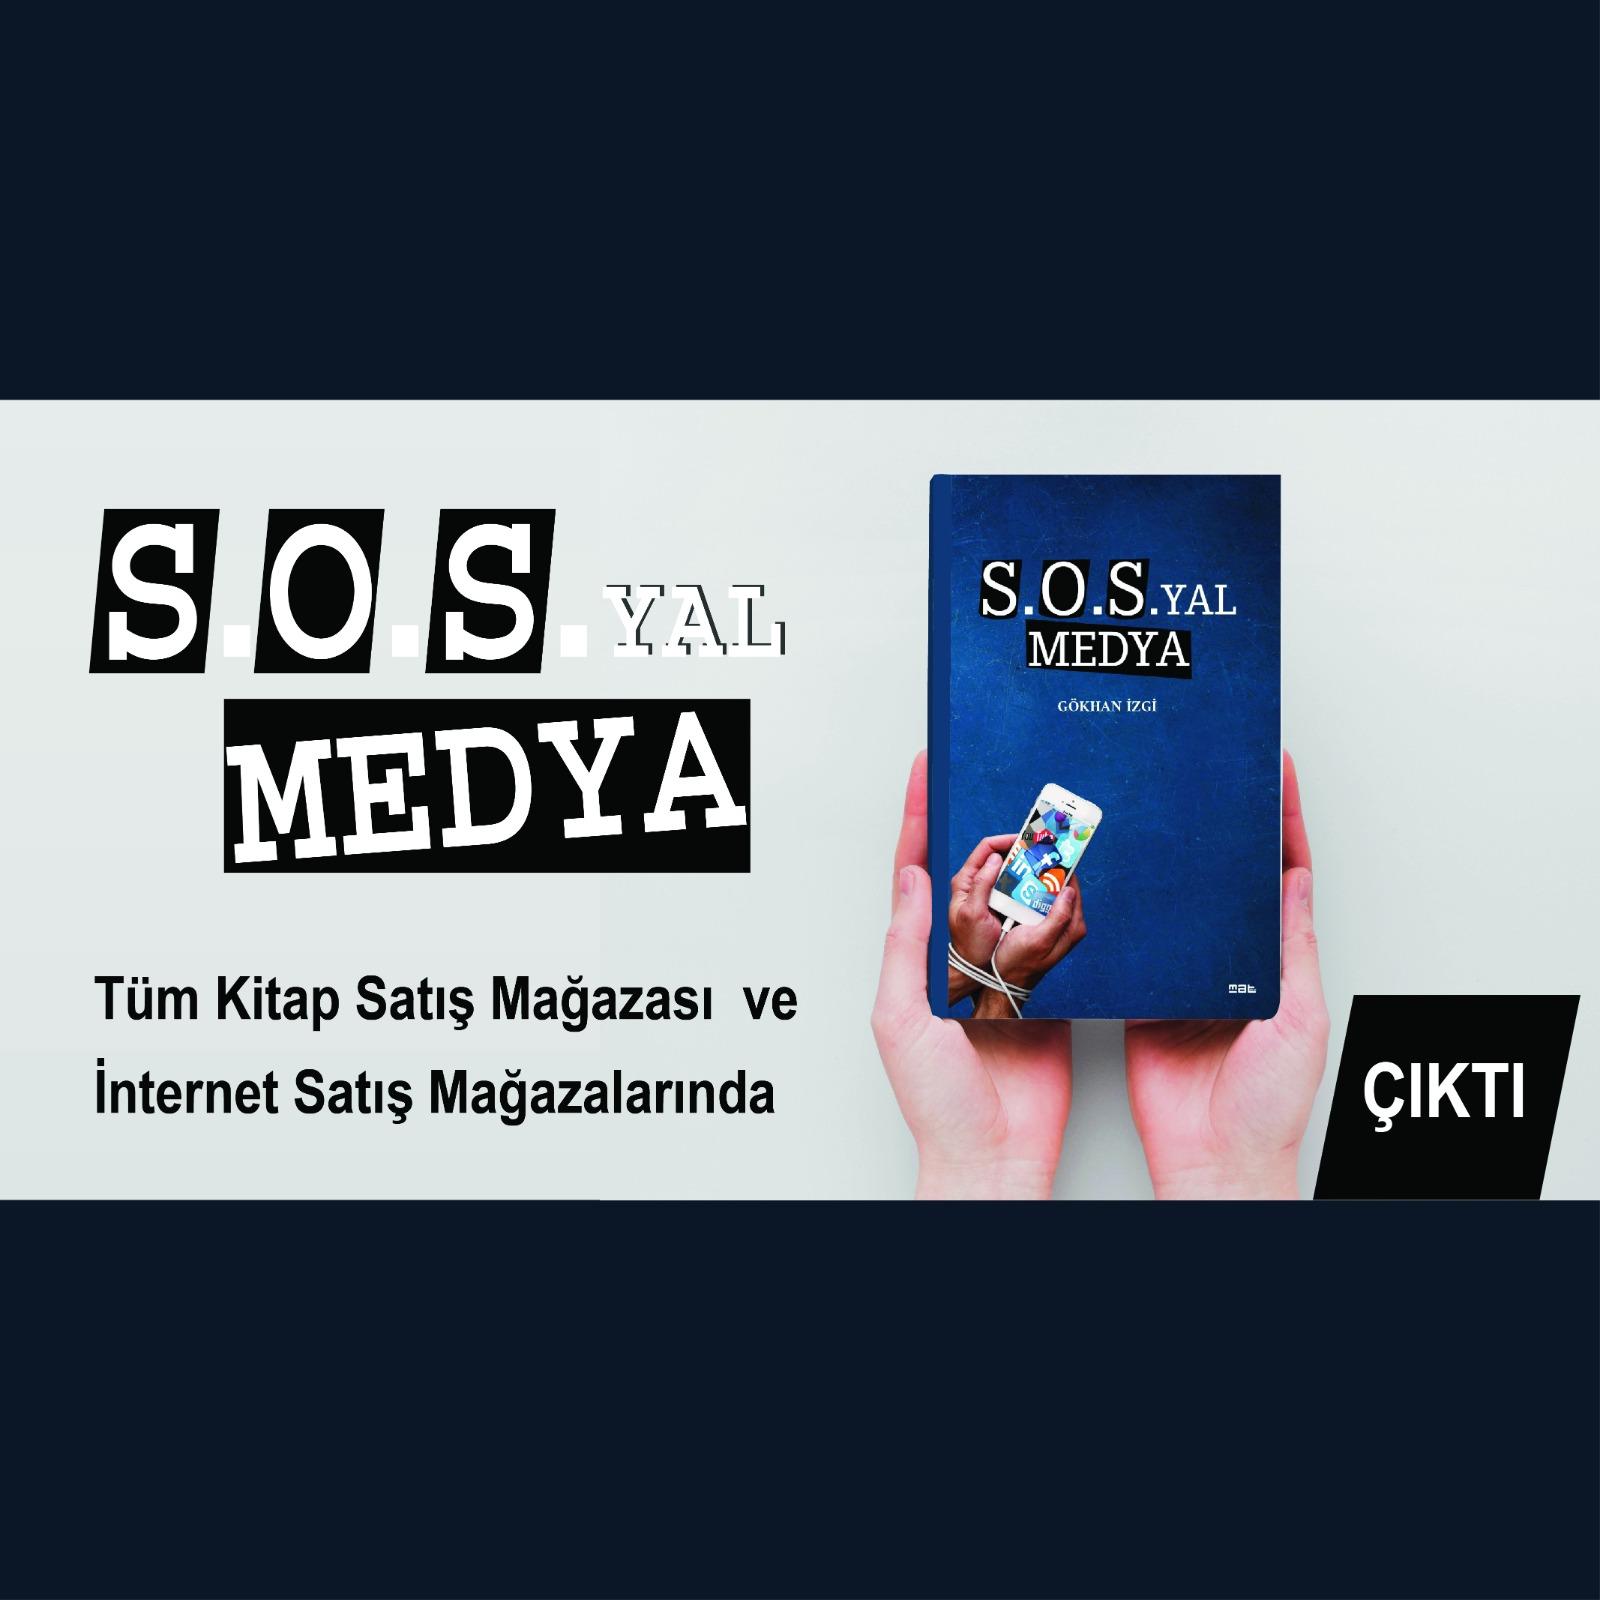 S.O.S YAL MEDYA KİTABI SOSYAL MEDYA'YI YENİDEN TANIMLIYOR